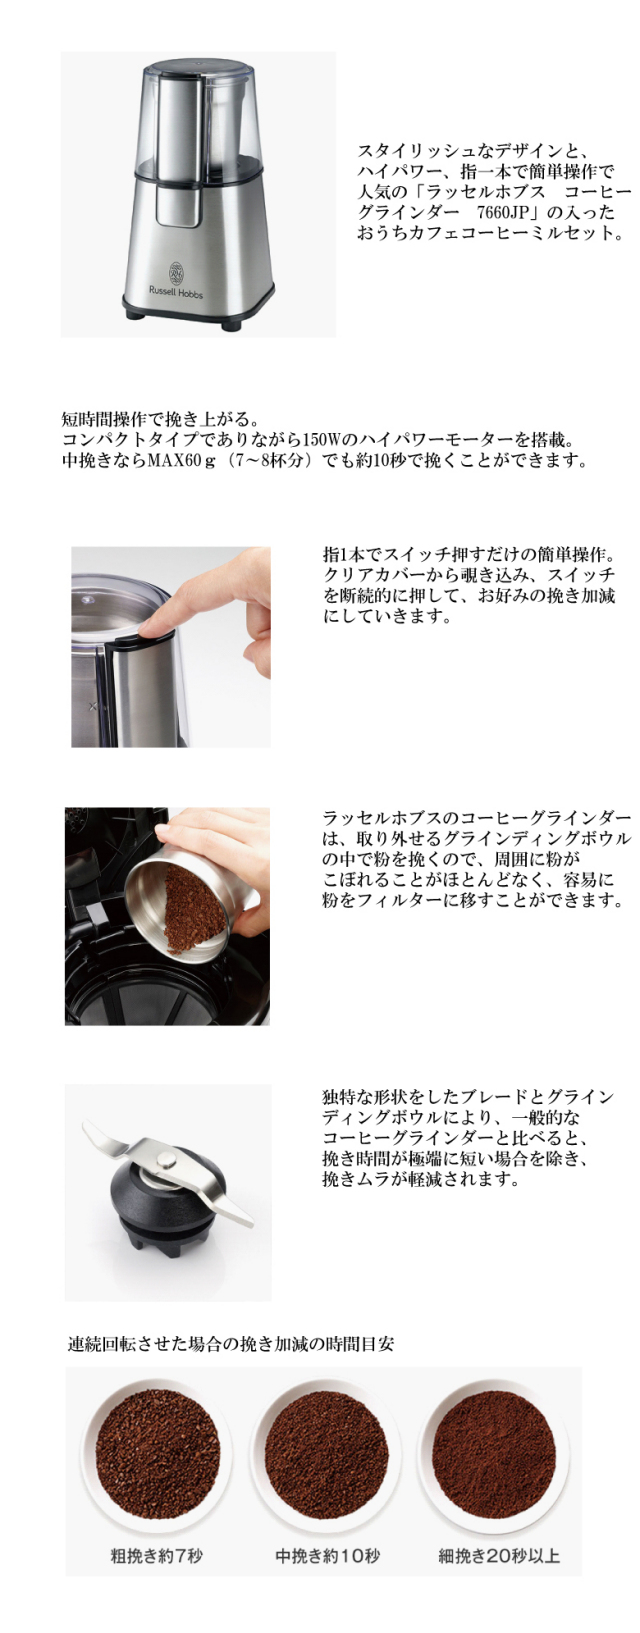 ラッセルホブスのコーヒーミルセット